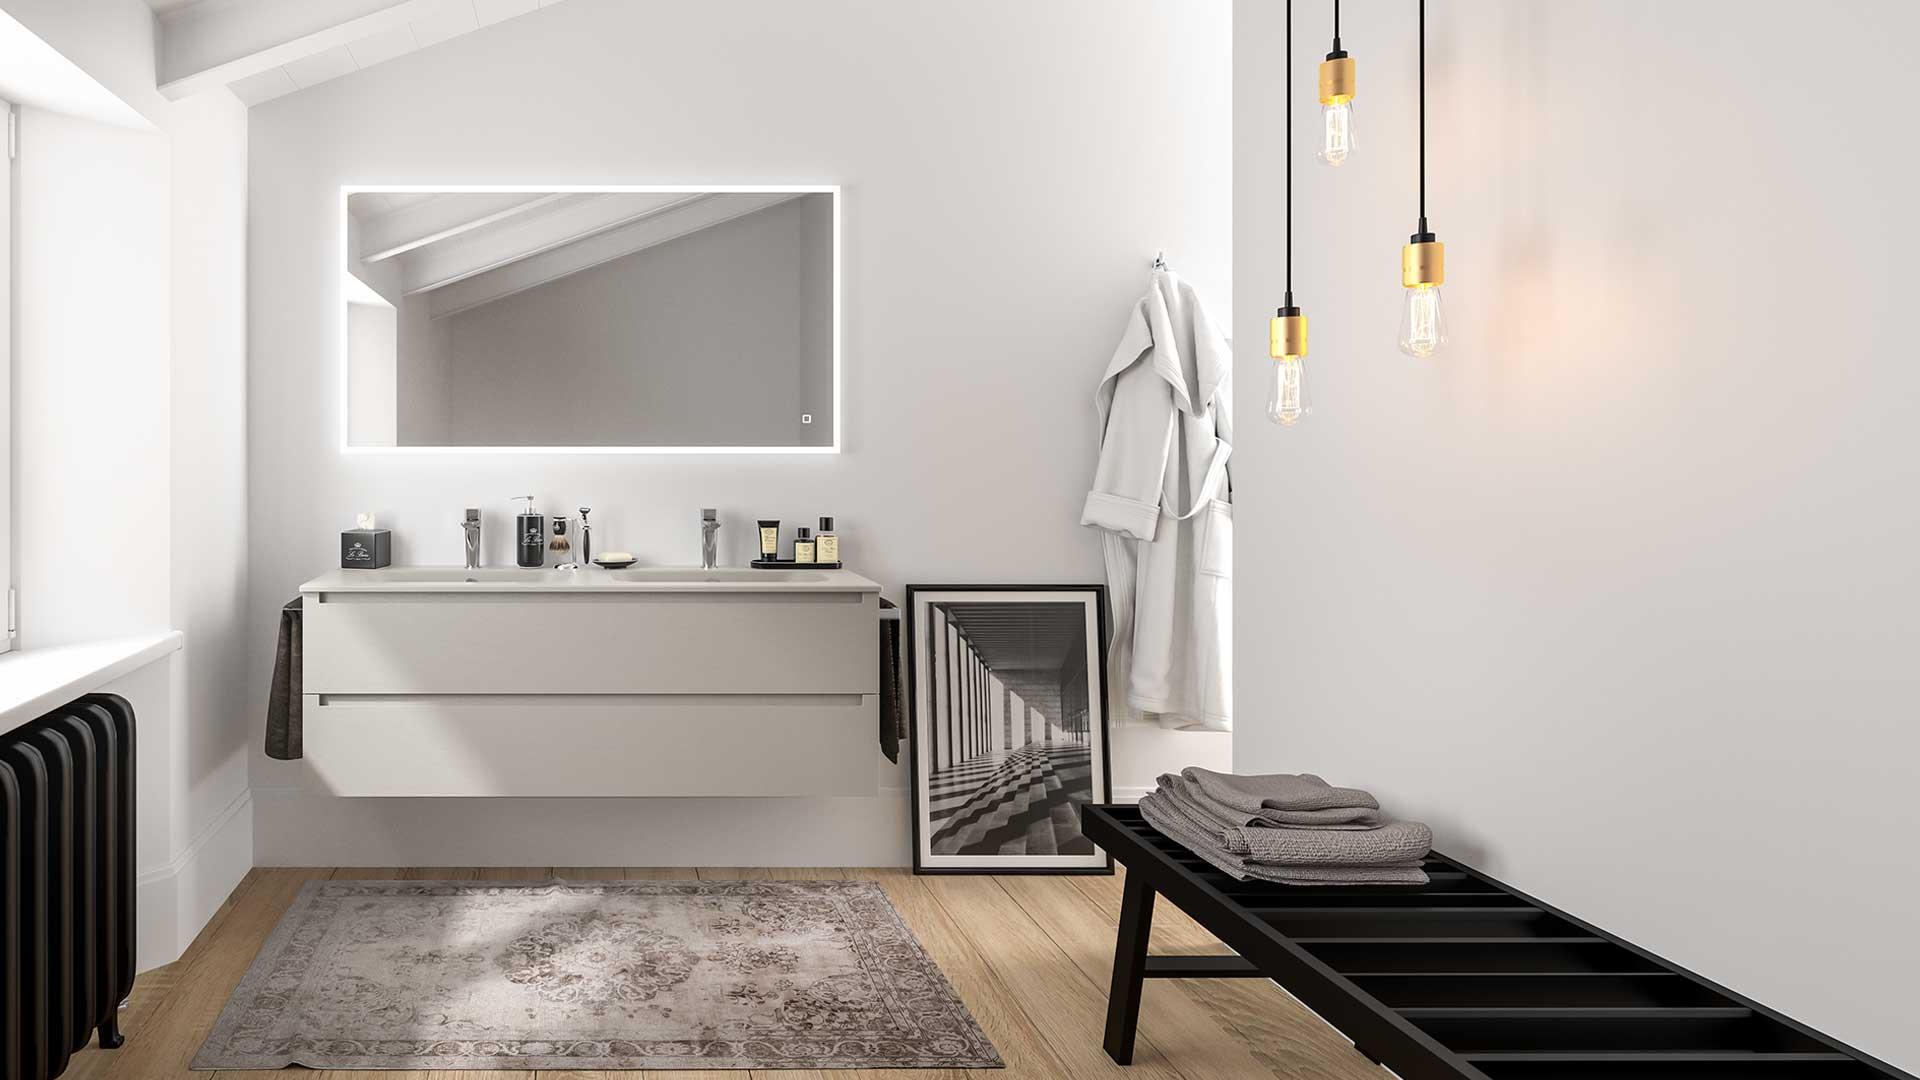 Arredo bagno moderno idee e soluzioni per tutte le - Idee per bagno moderno ...